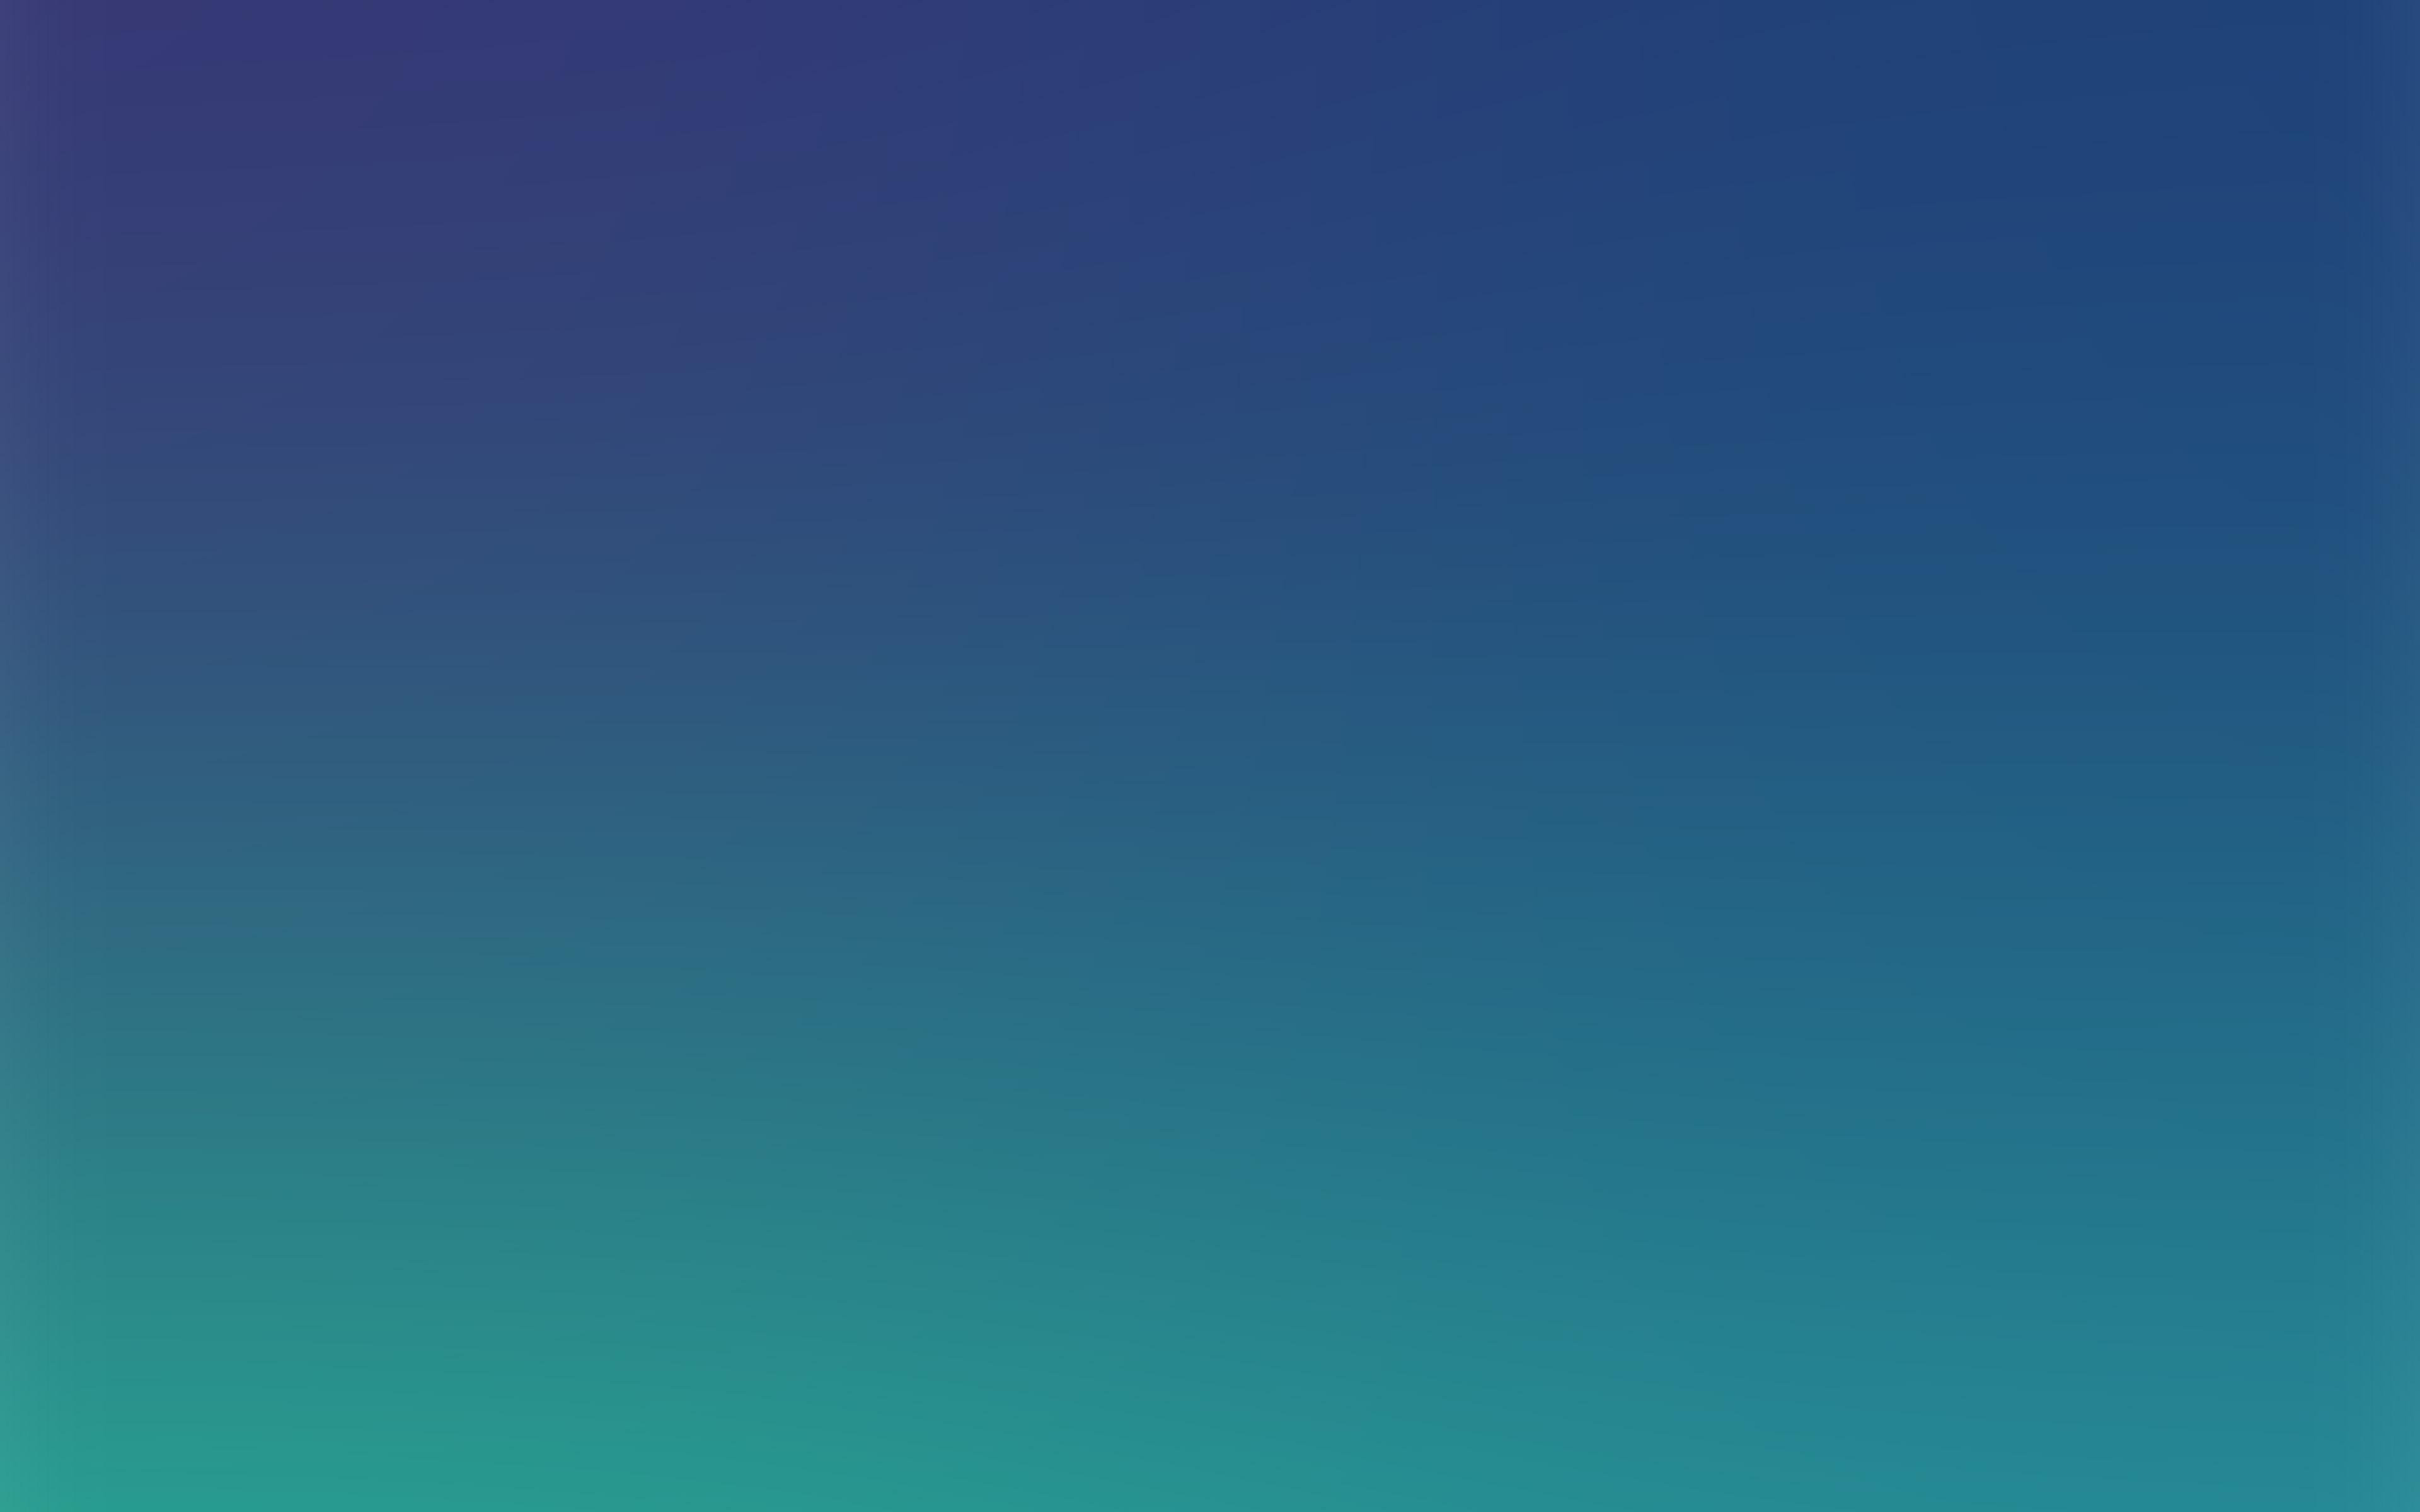 Cute Fall Background Wallpaper Sj90 Blue Green Gradation Blur Wallpaper